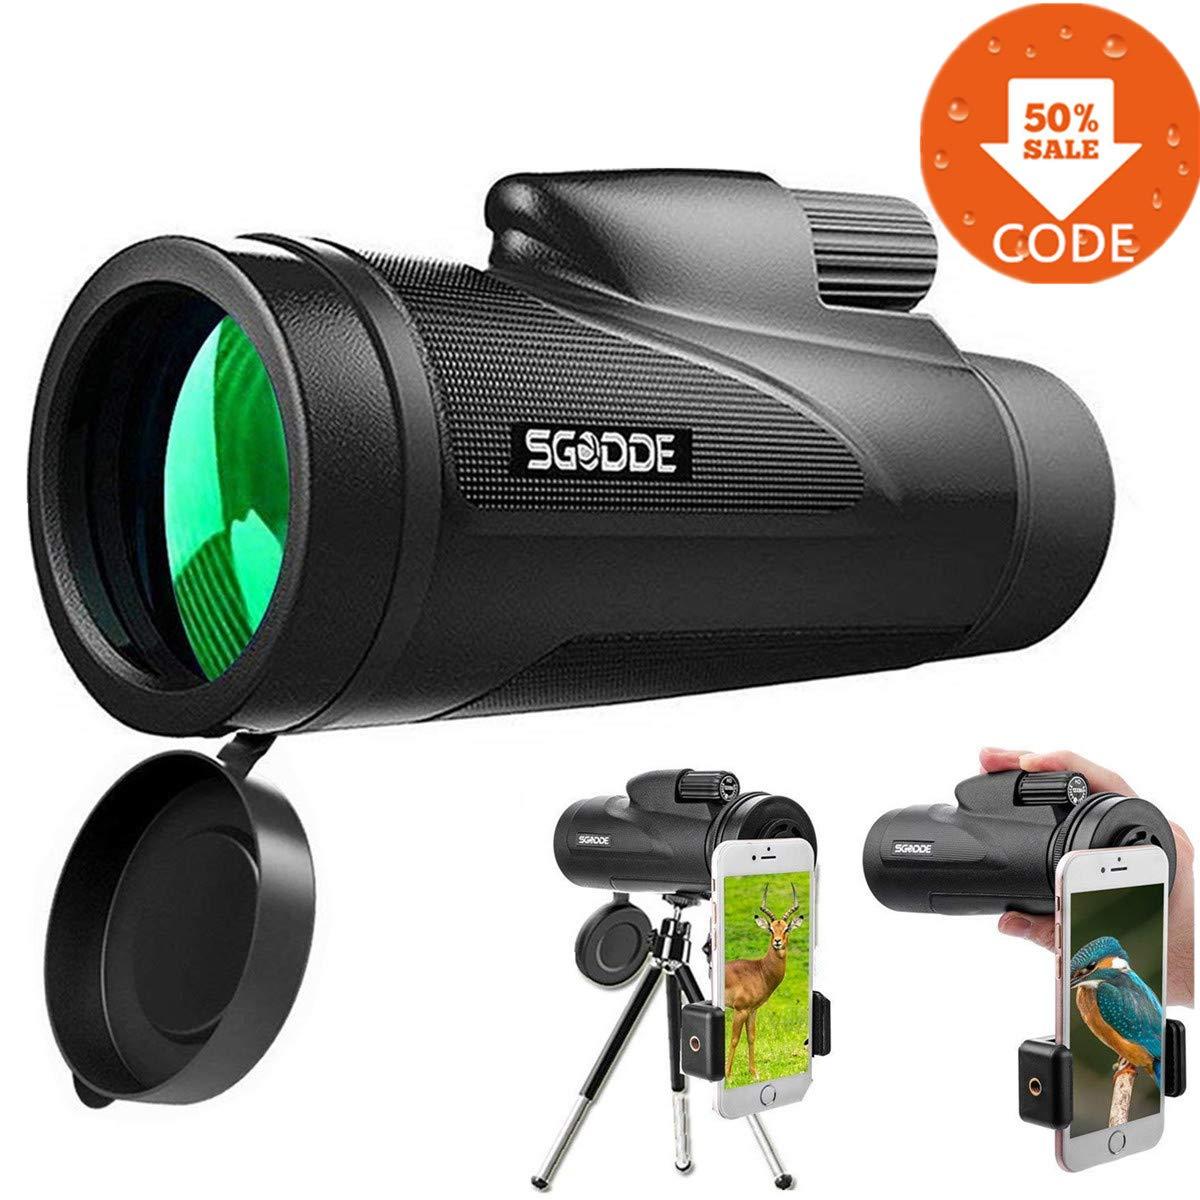 Camping Observation des Oiseau SGODDE HD Spotting Scope Portable Vision Nocturne Imperm/éable avec Dragonne // Tr/épied et Adaptateur Universel Id/éal pour Randonn/ée 12x50 T/él/éscope Monoculaire